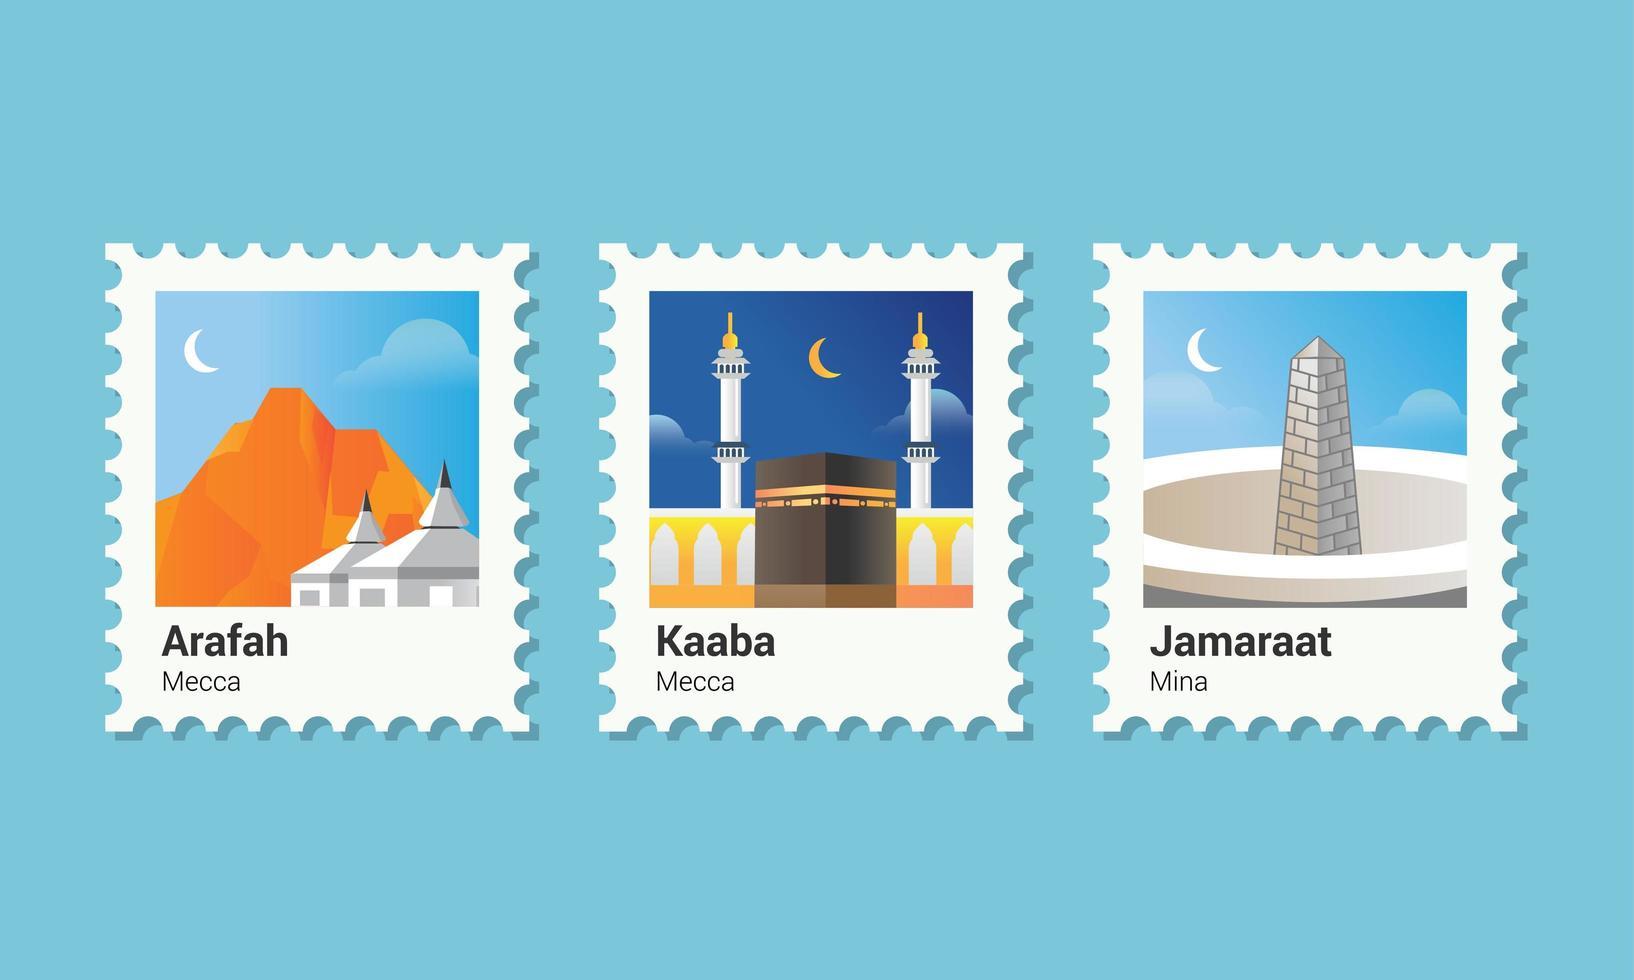 peregrinação islâmica de selo postal vetor